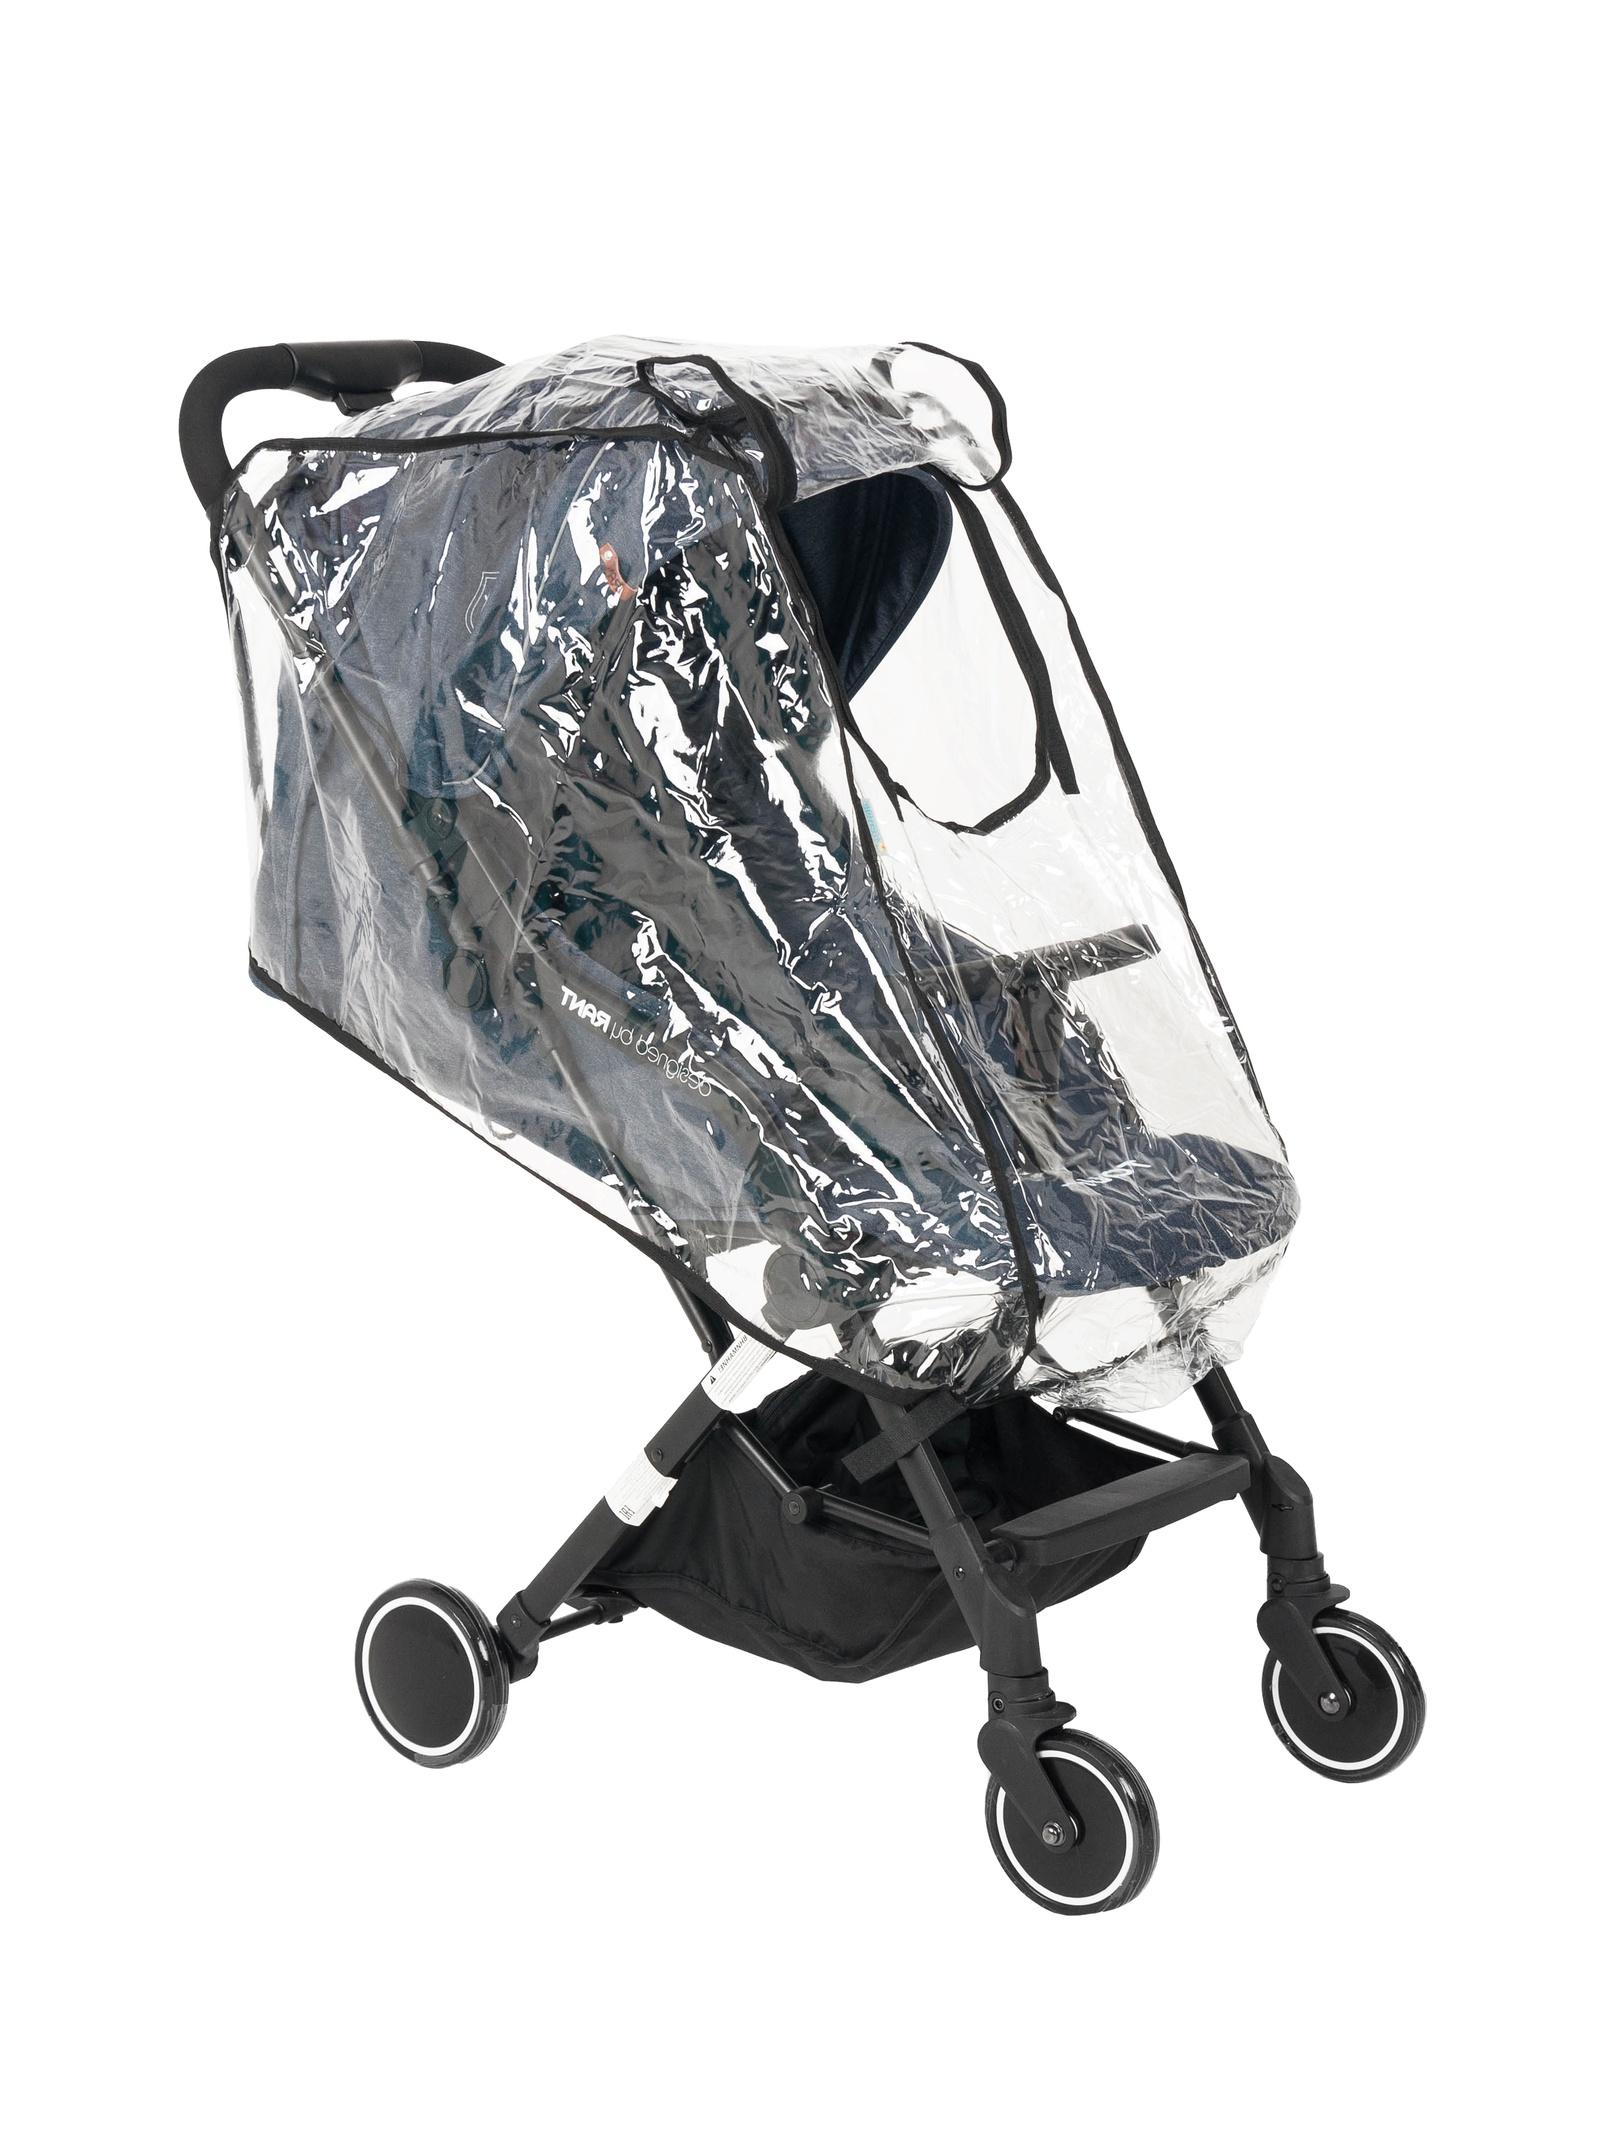 комплекты в коляску Аксессуар для колясок Trottola Дождевик на коляску трость TRAVEL PLUS прозрачный